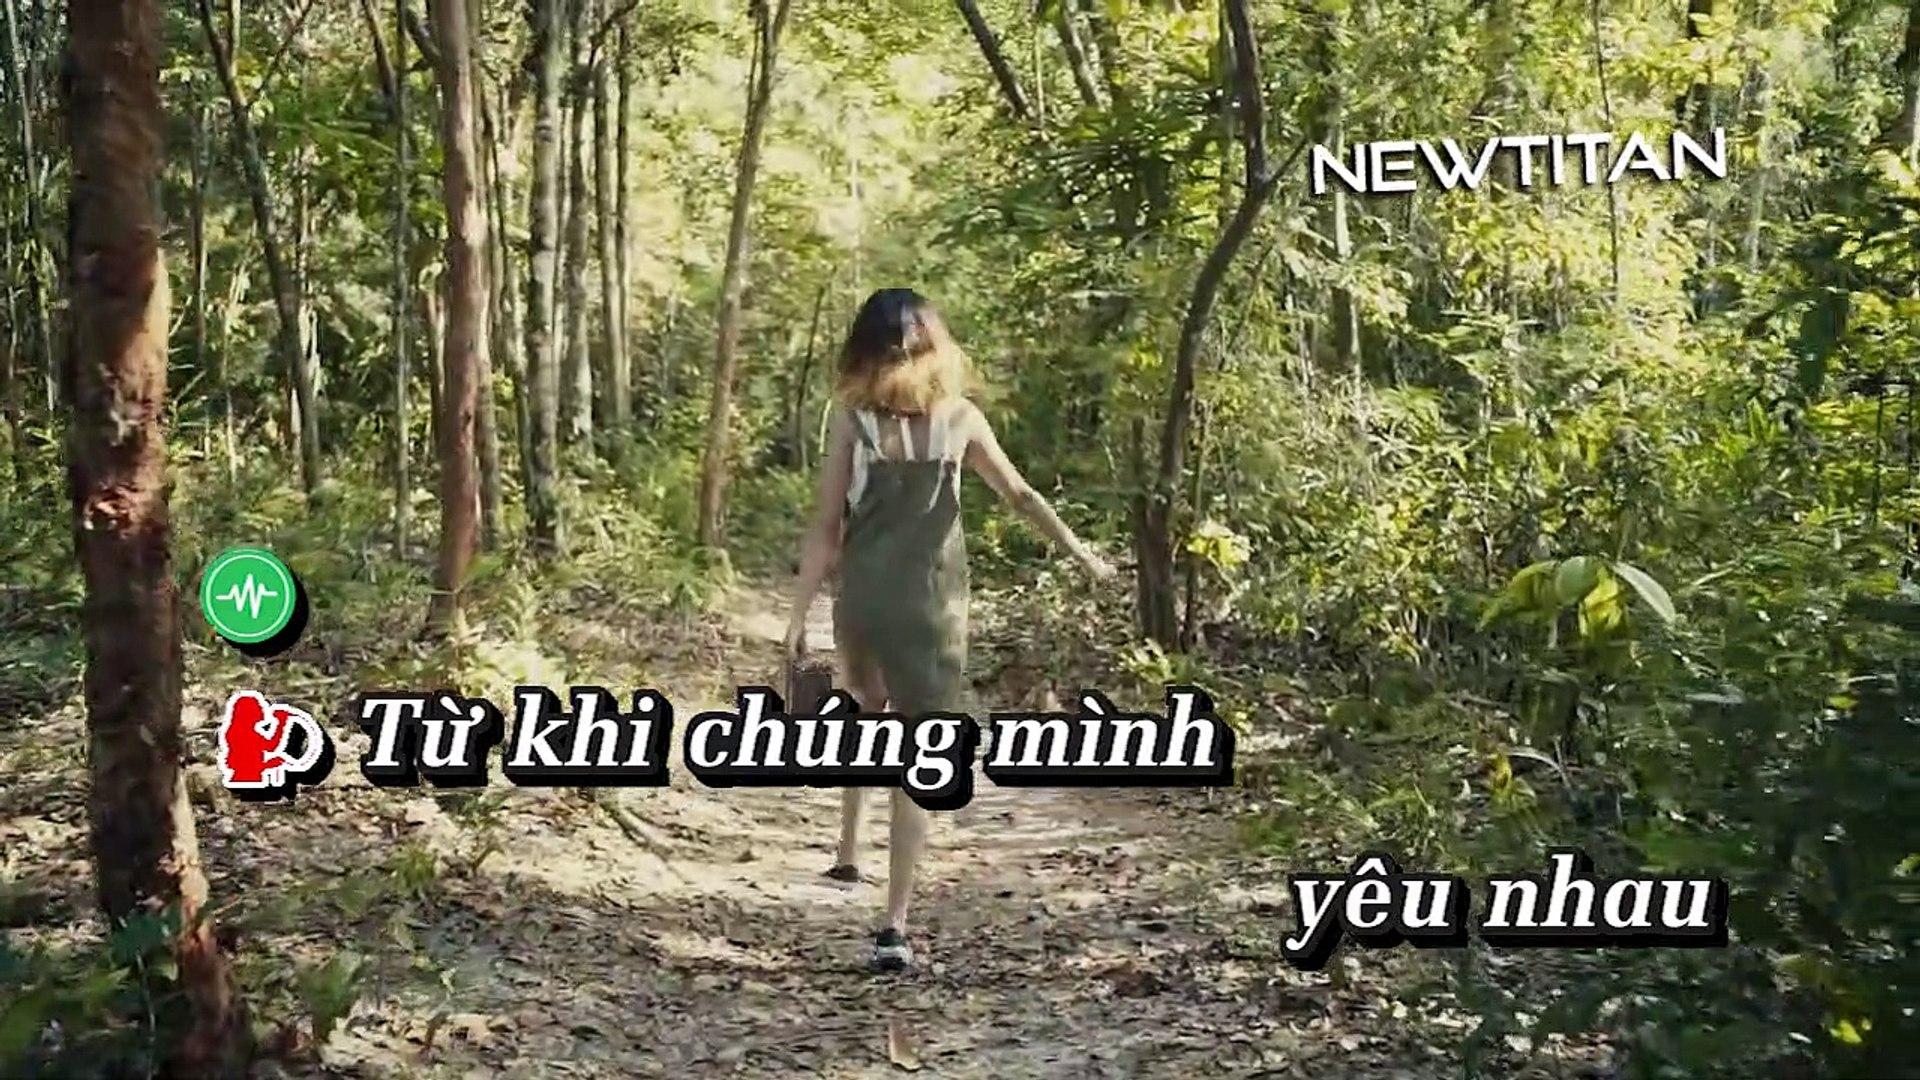 [Karaoke] Mình Yêu Nhau Để Làm Gì - Bích Phương [Beat]